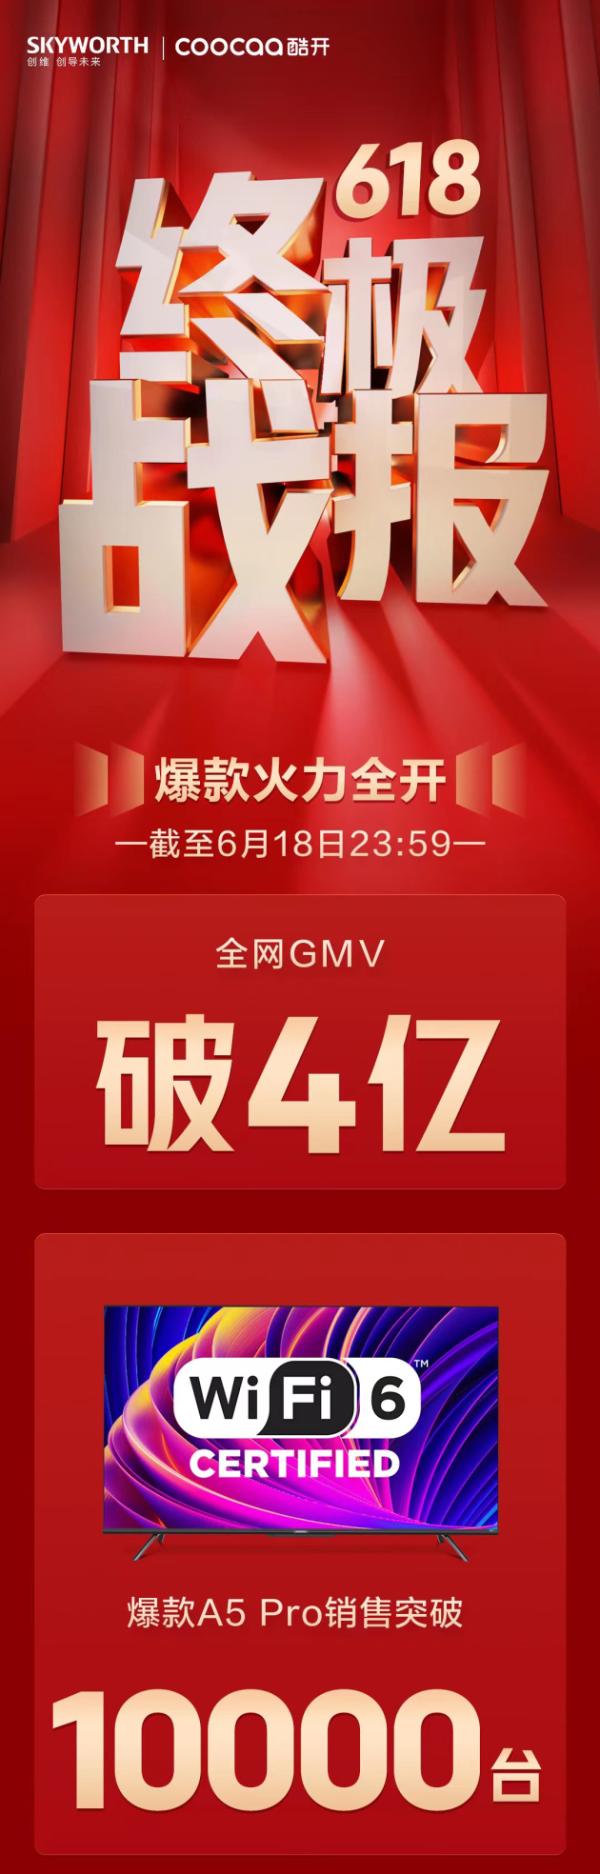 创维电视618终极战报出炉!全网GMV破4亿,爆款A5 Pro销量超10000台